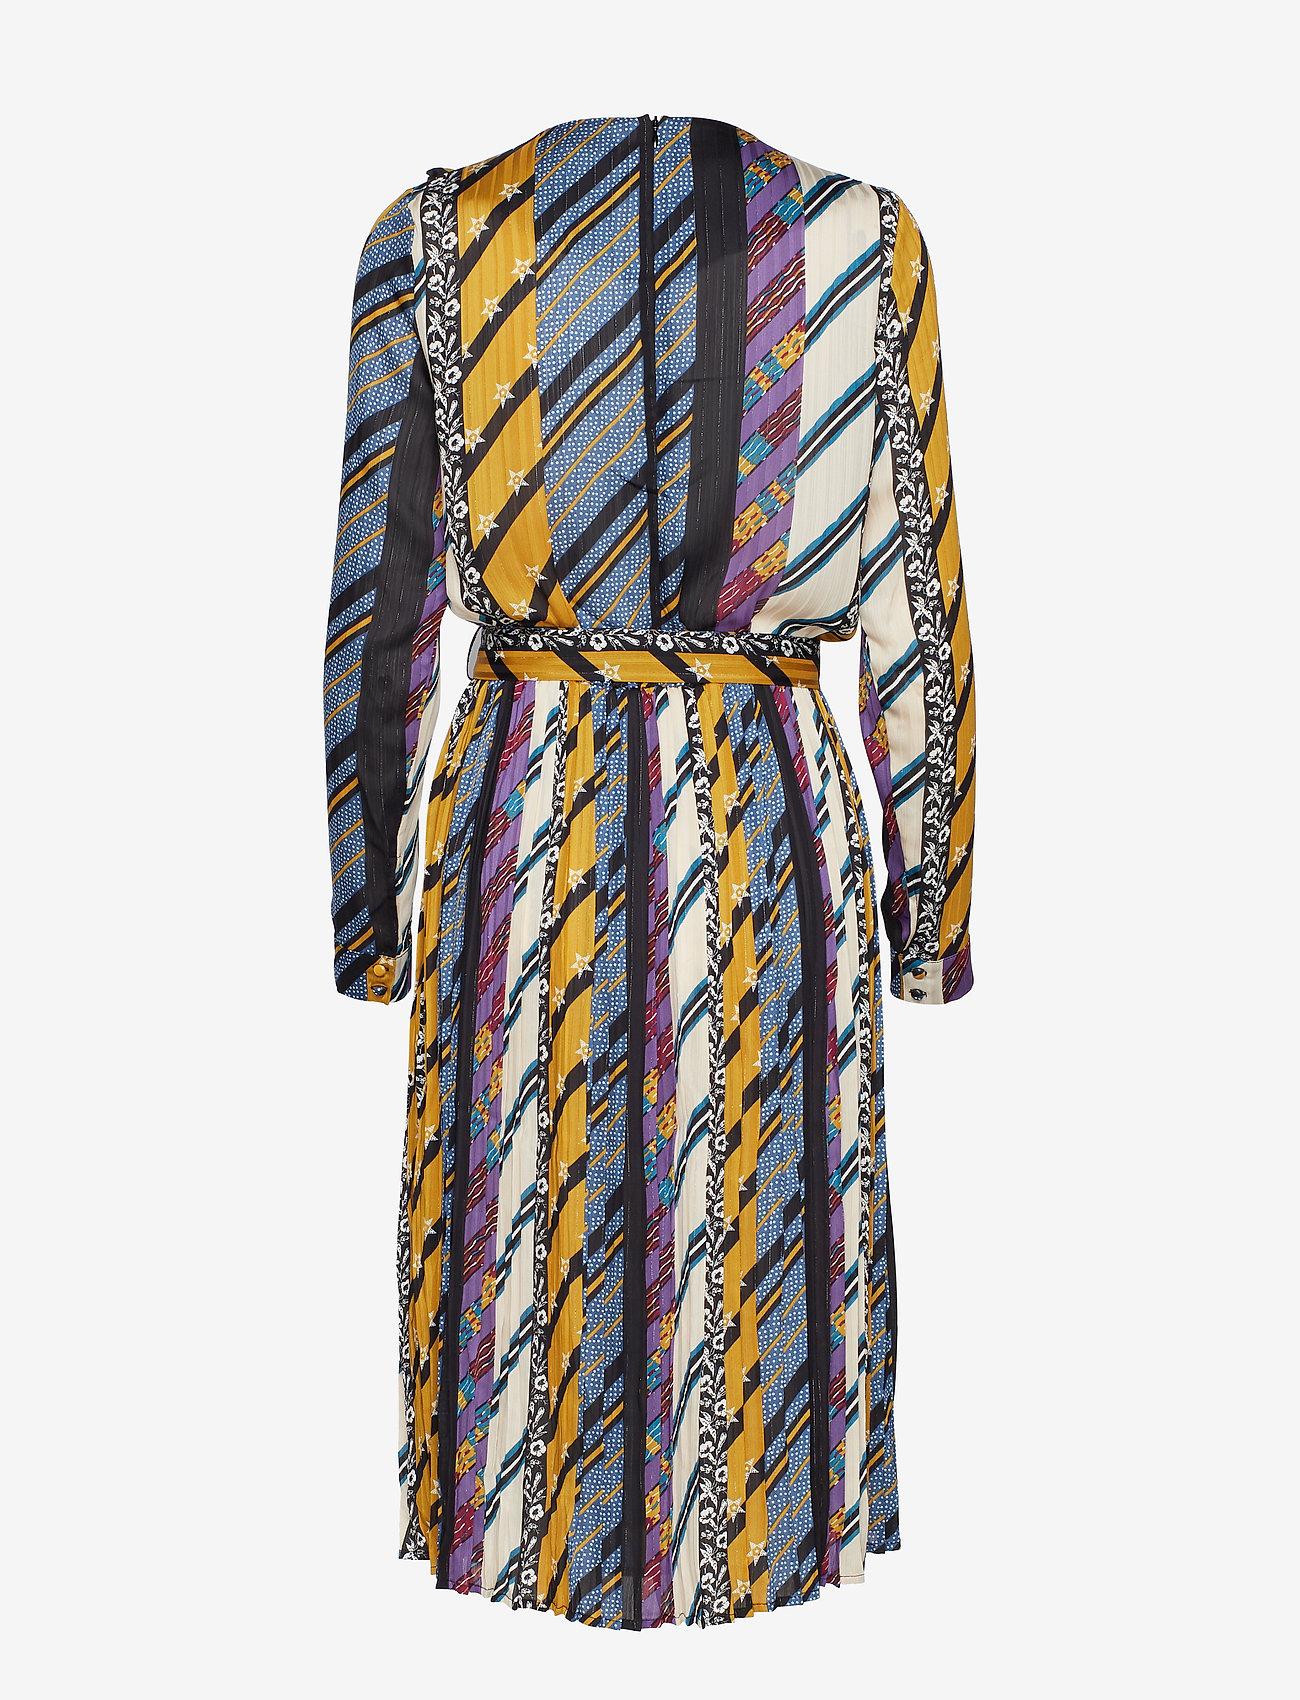 Minus Kenzie Dress - Dresses